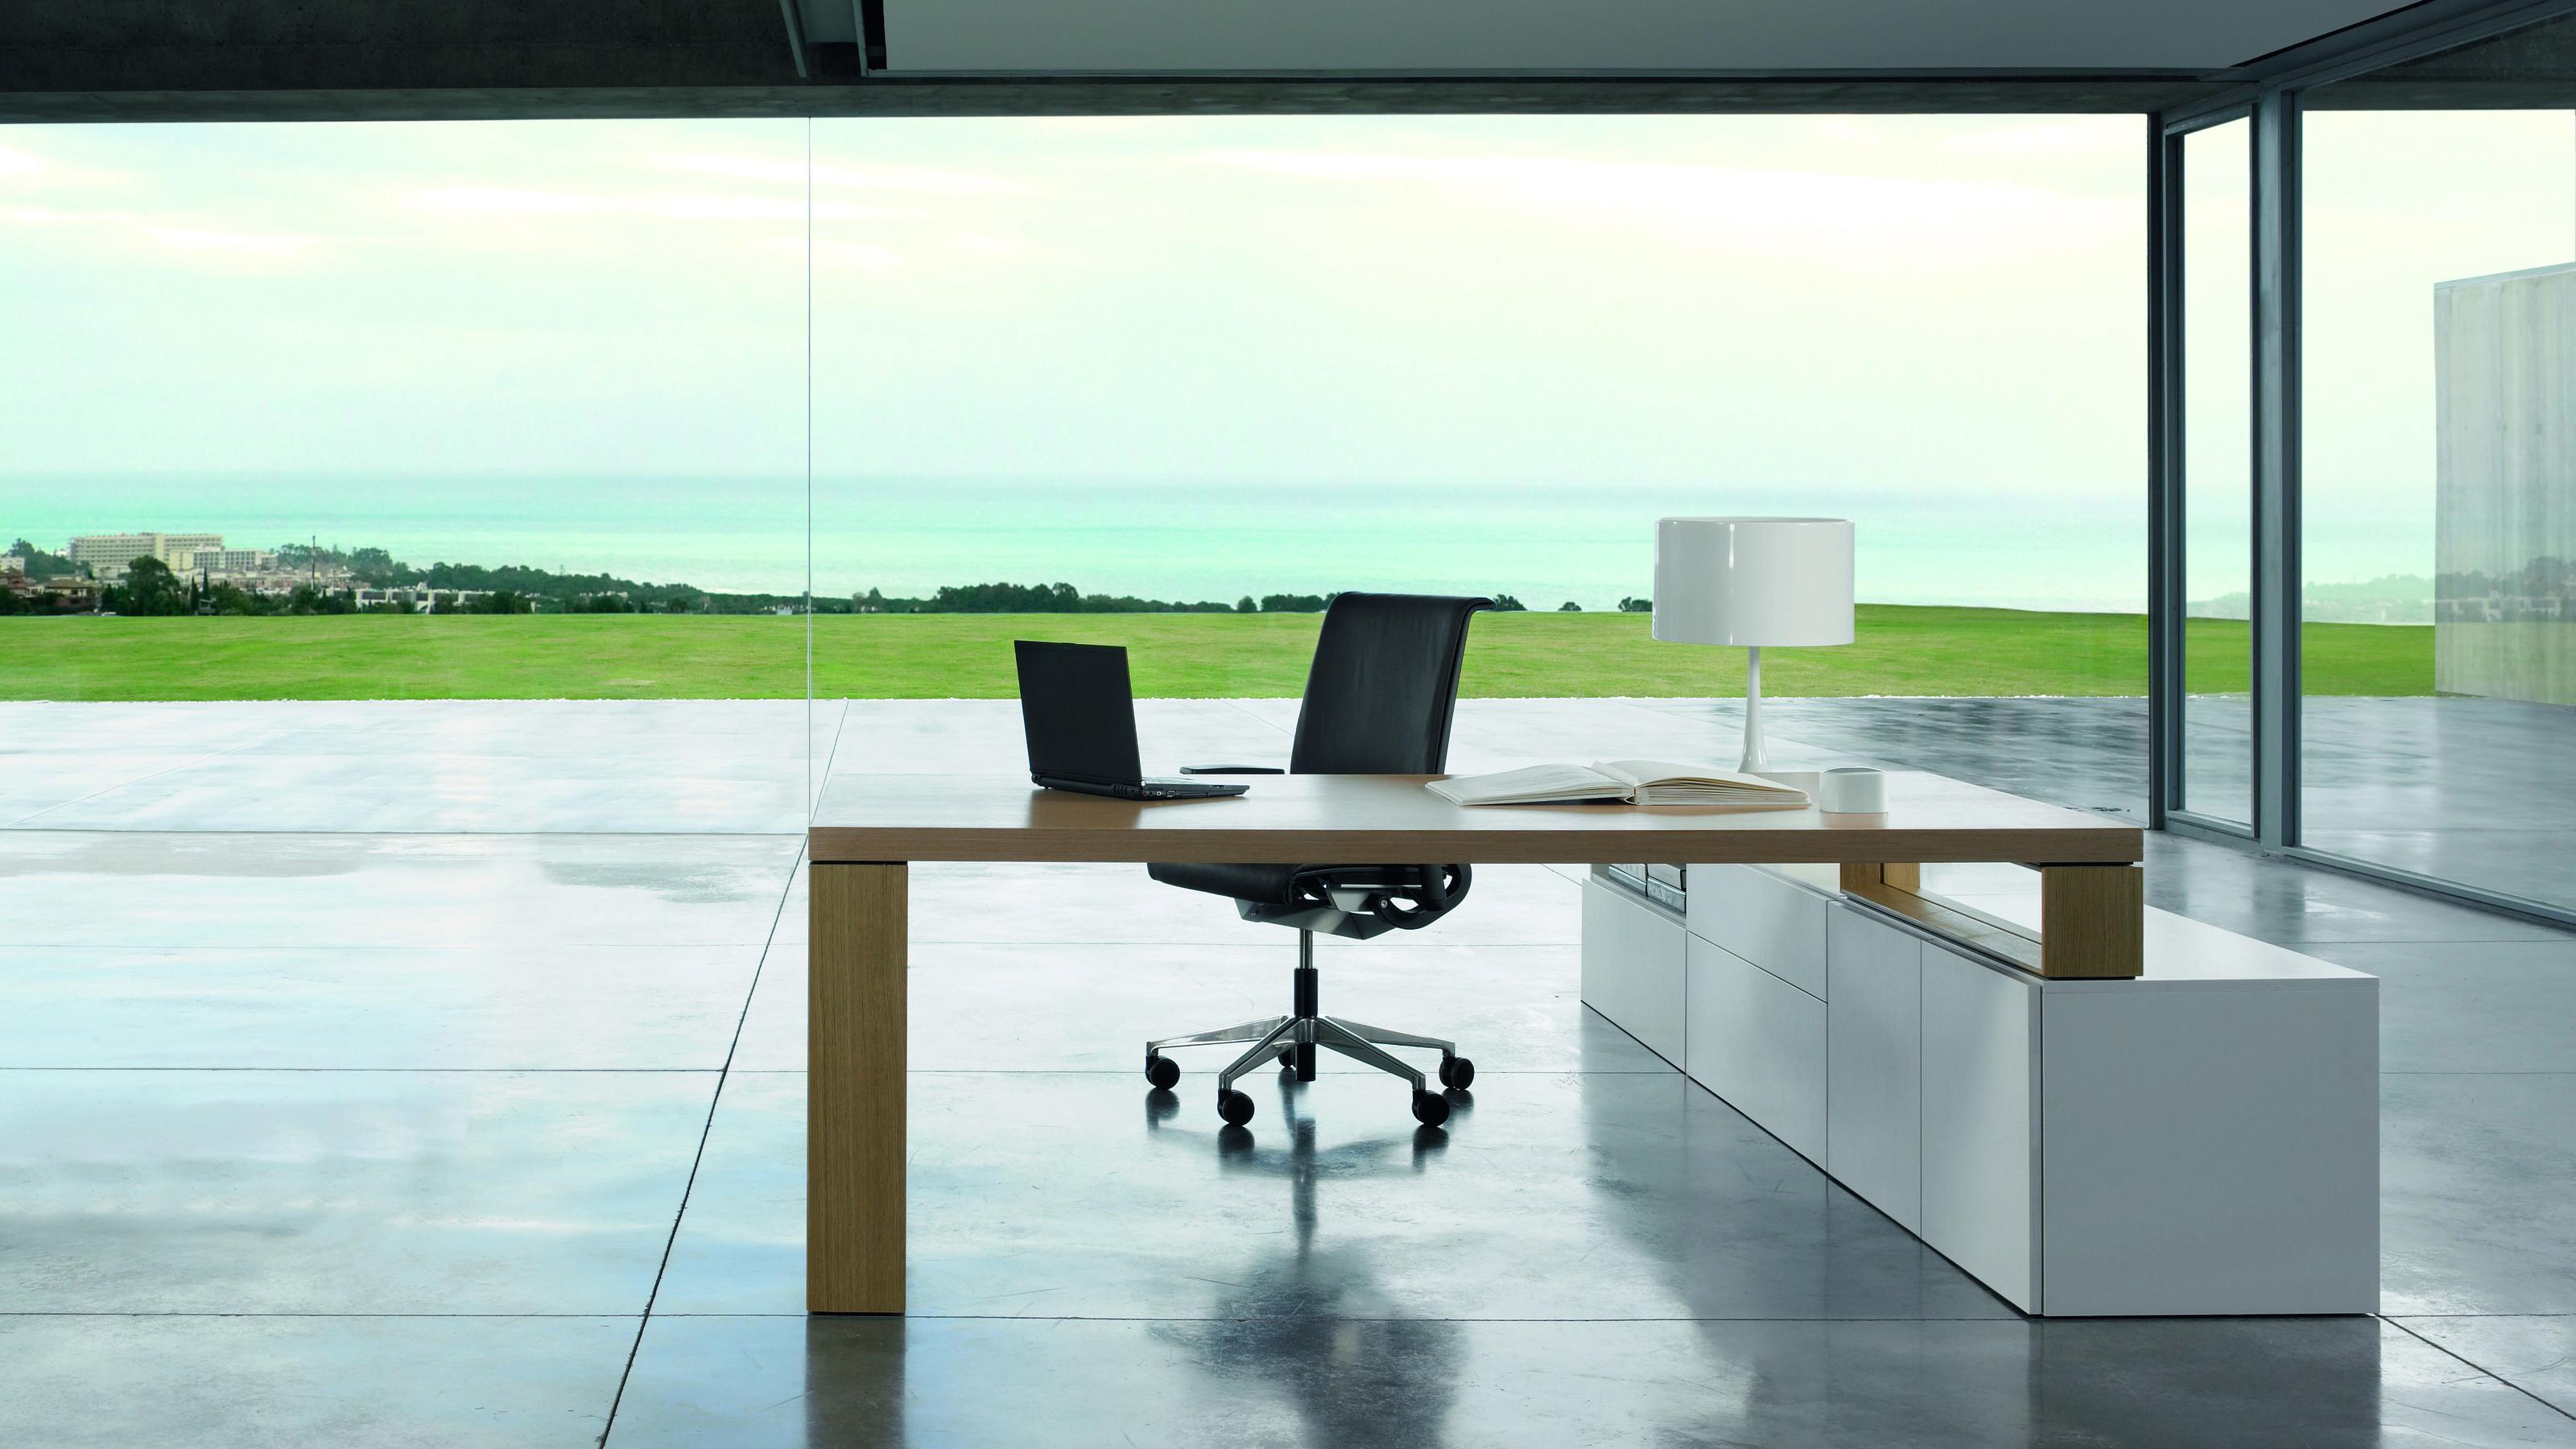 P60 Manager Schreibtisch – Elegante Schreibtische von Steelcase